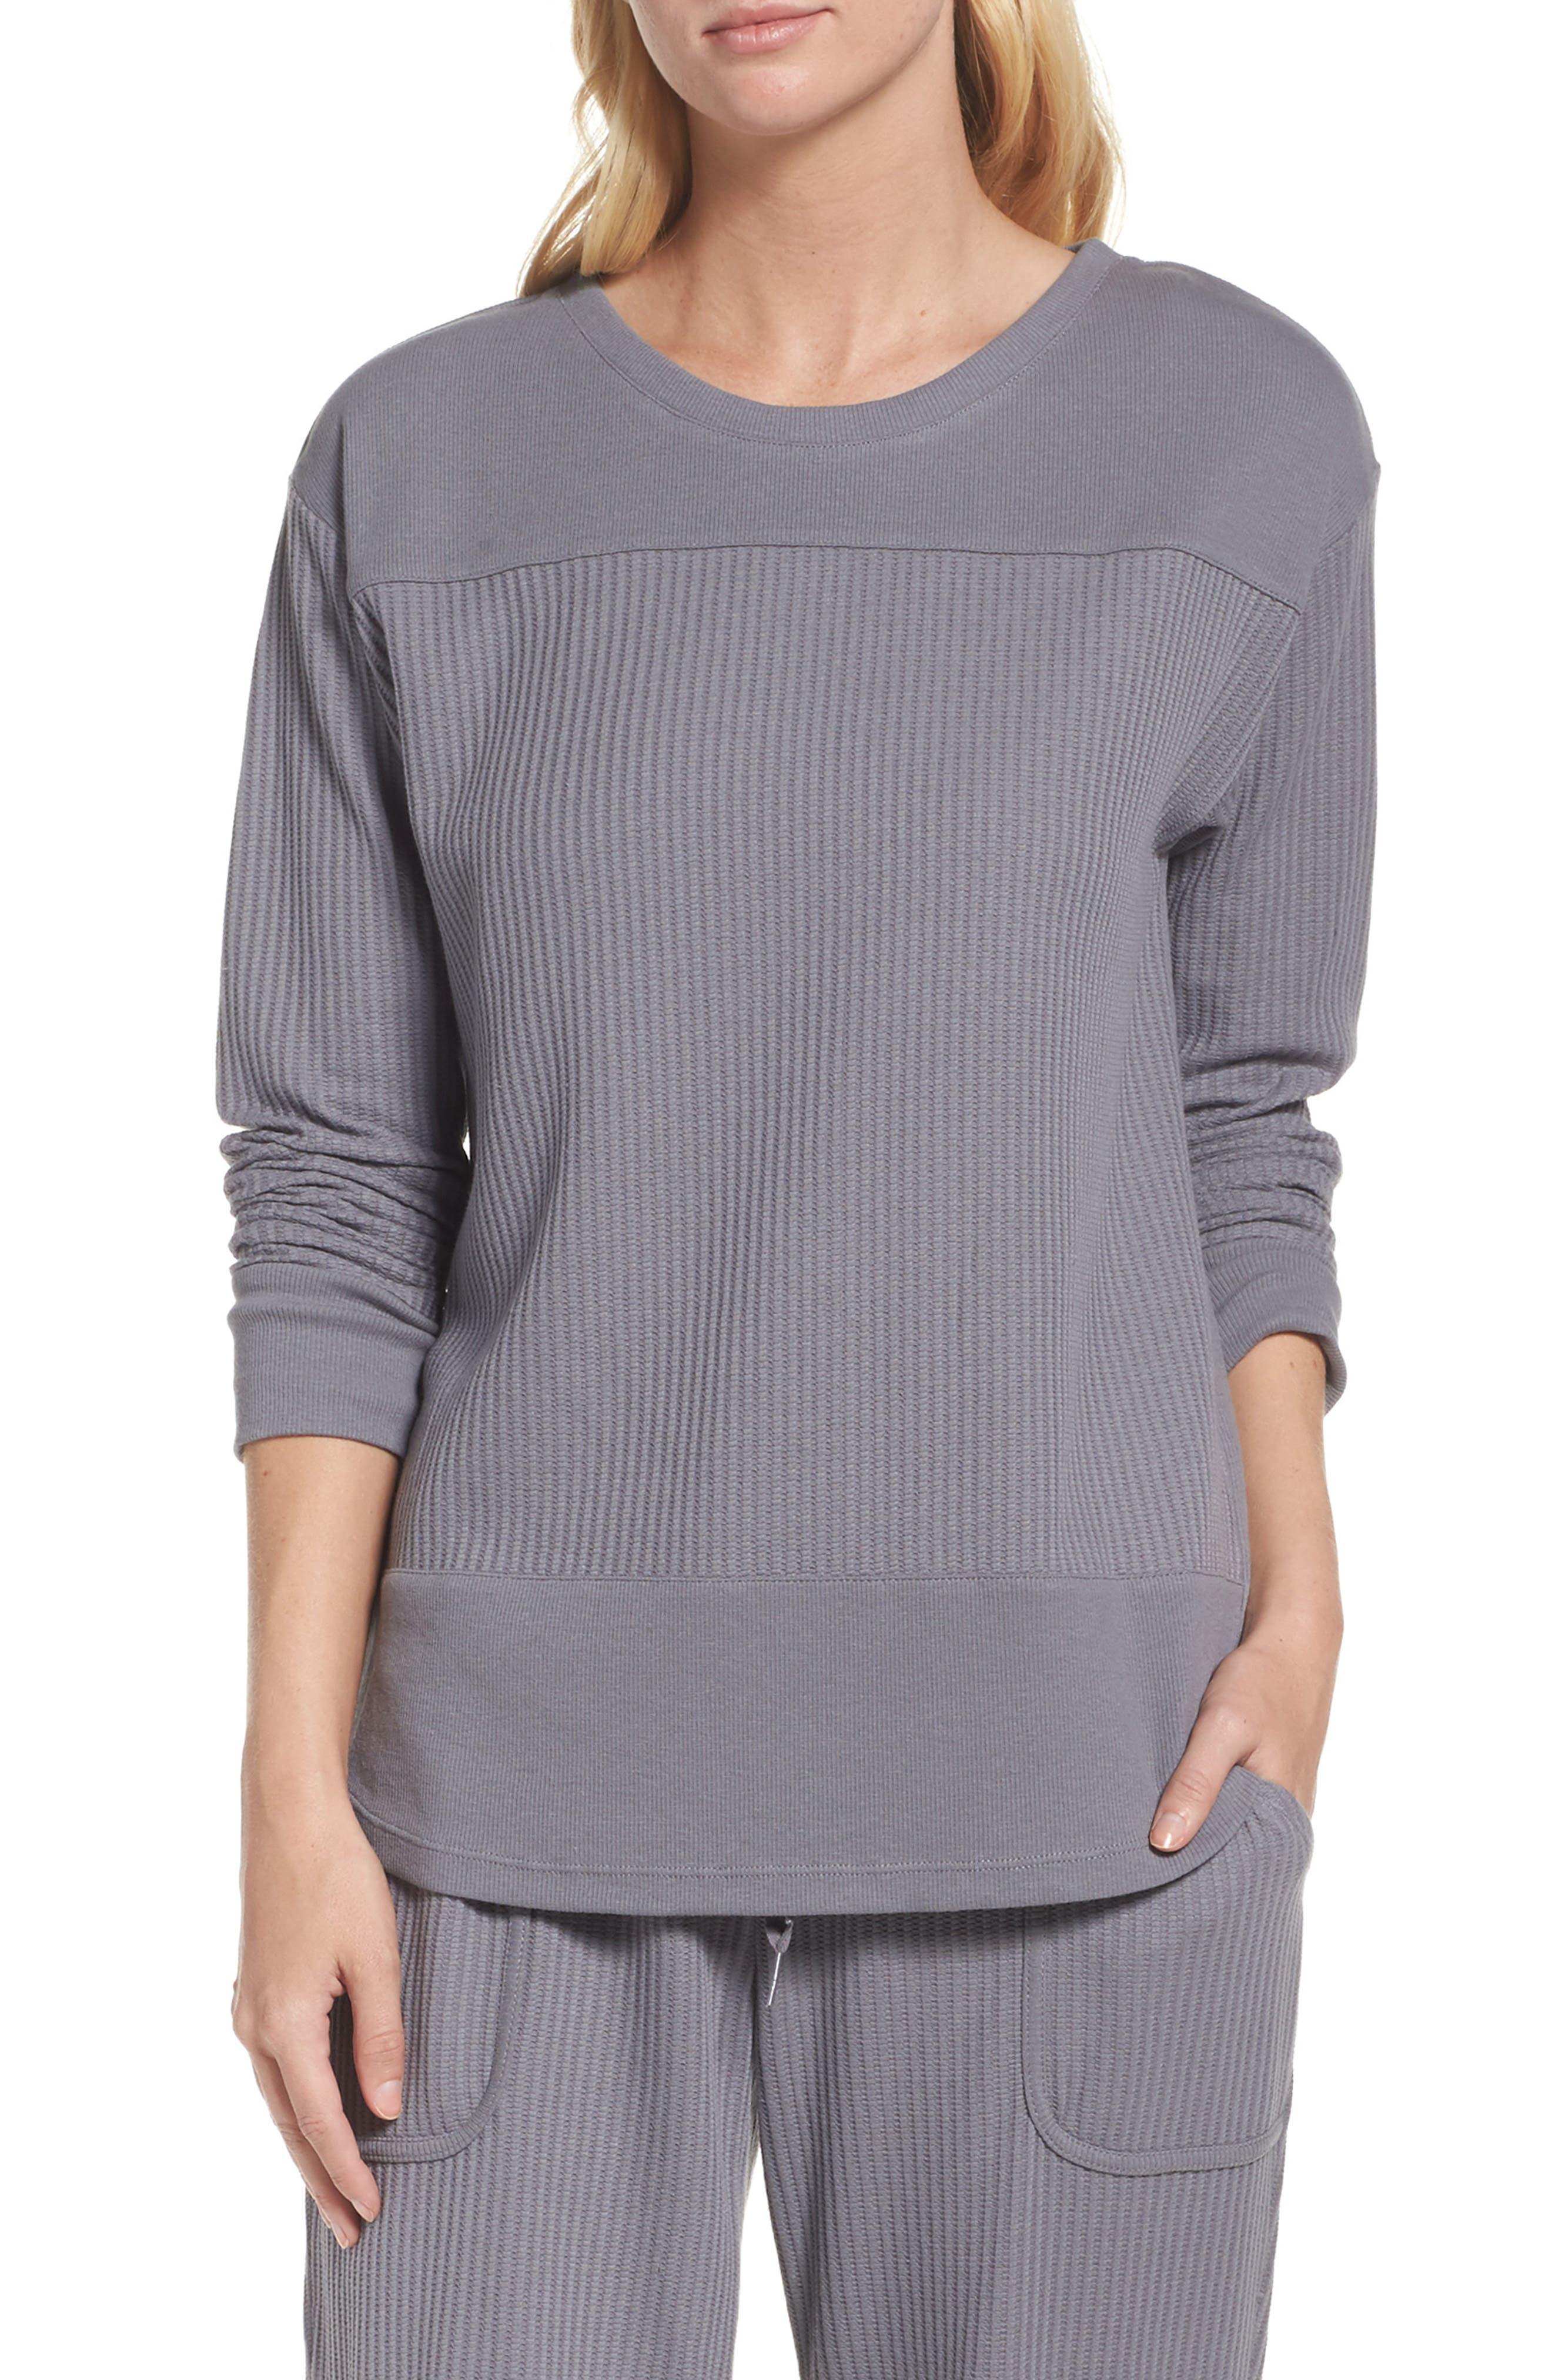 DKNY Long Sleeve Sleep Shirt